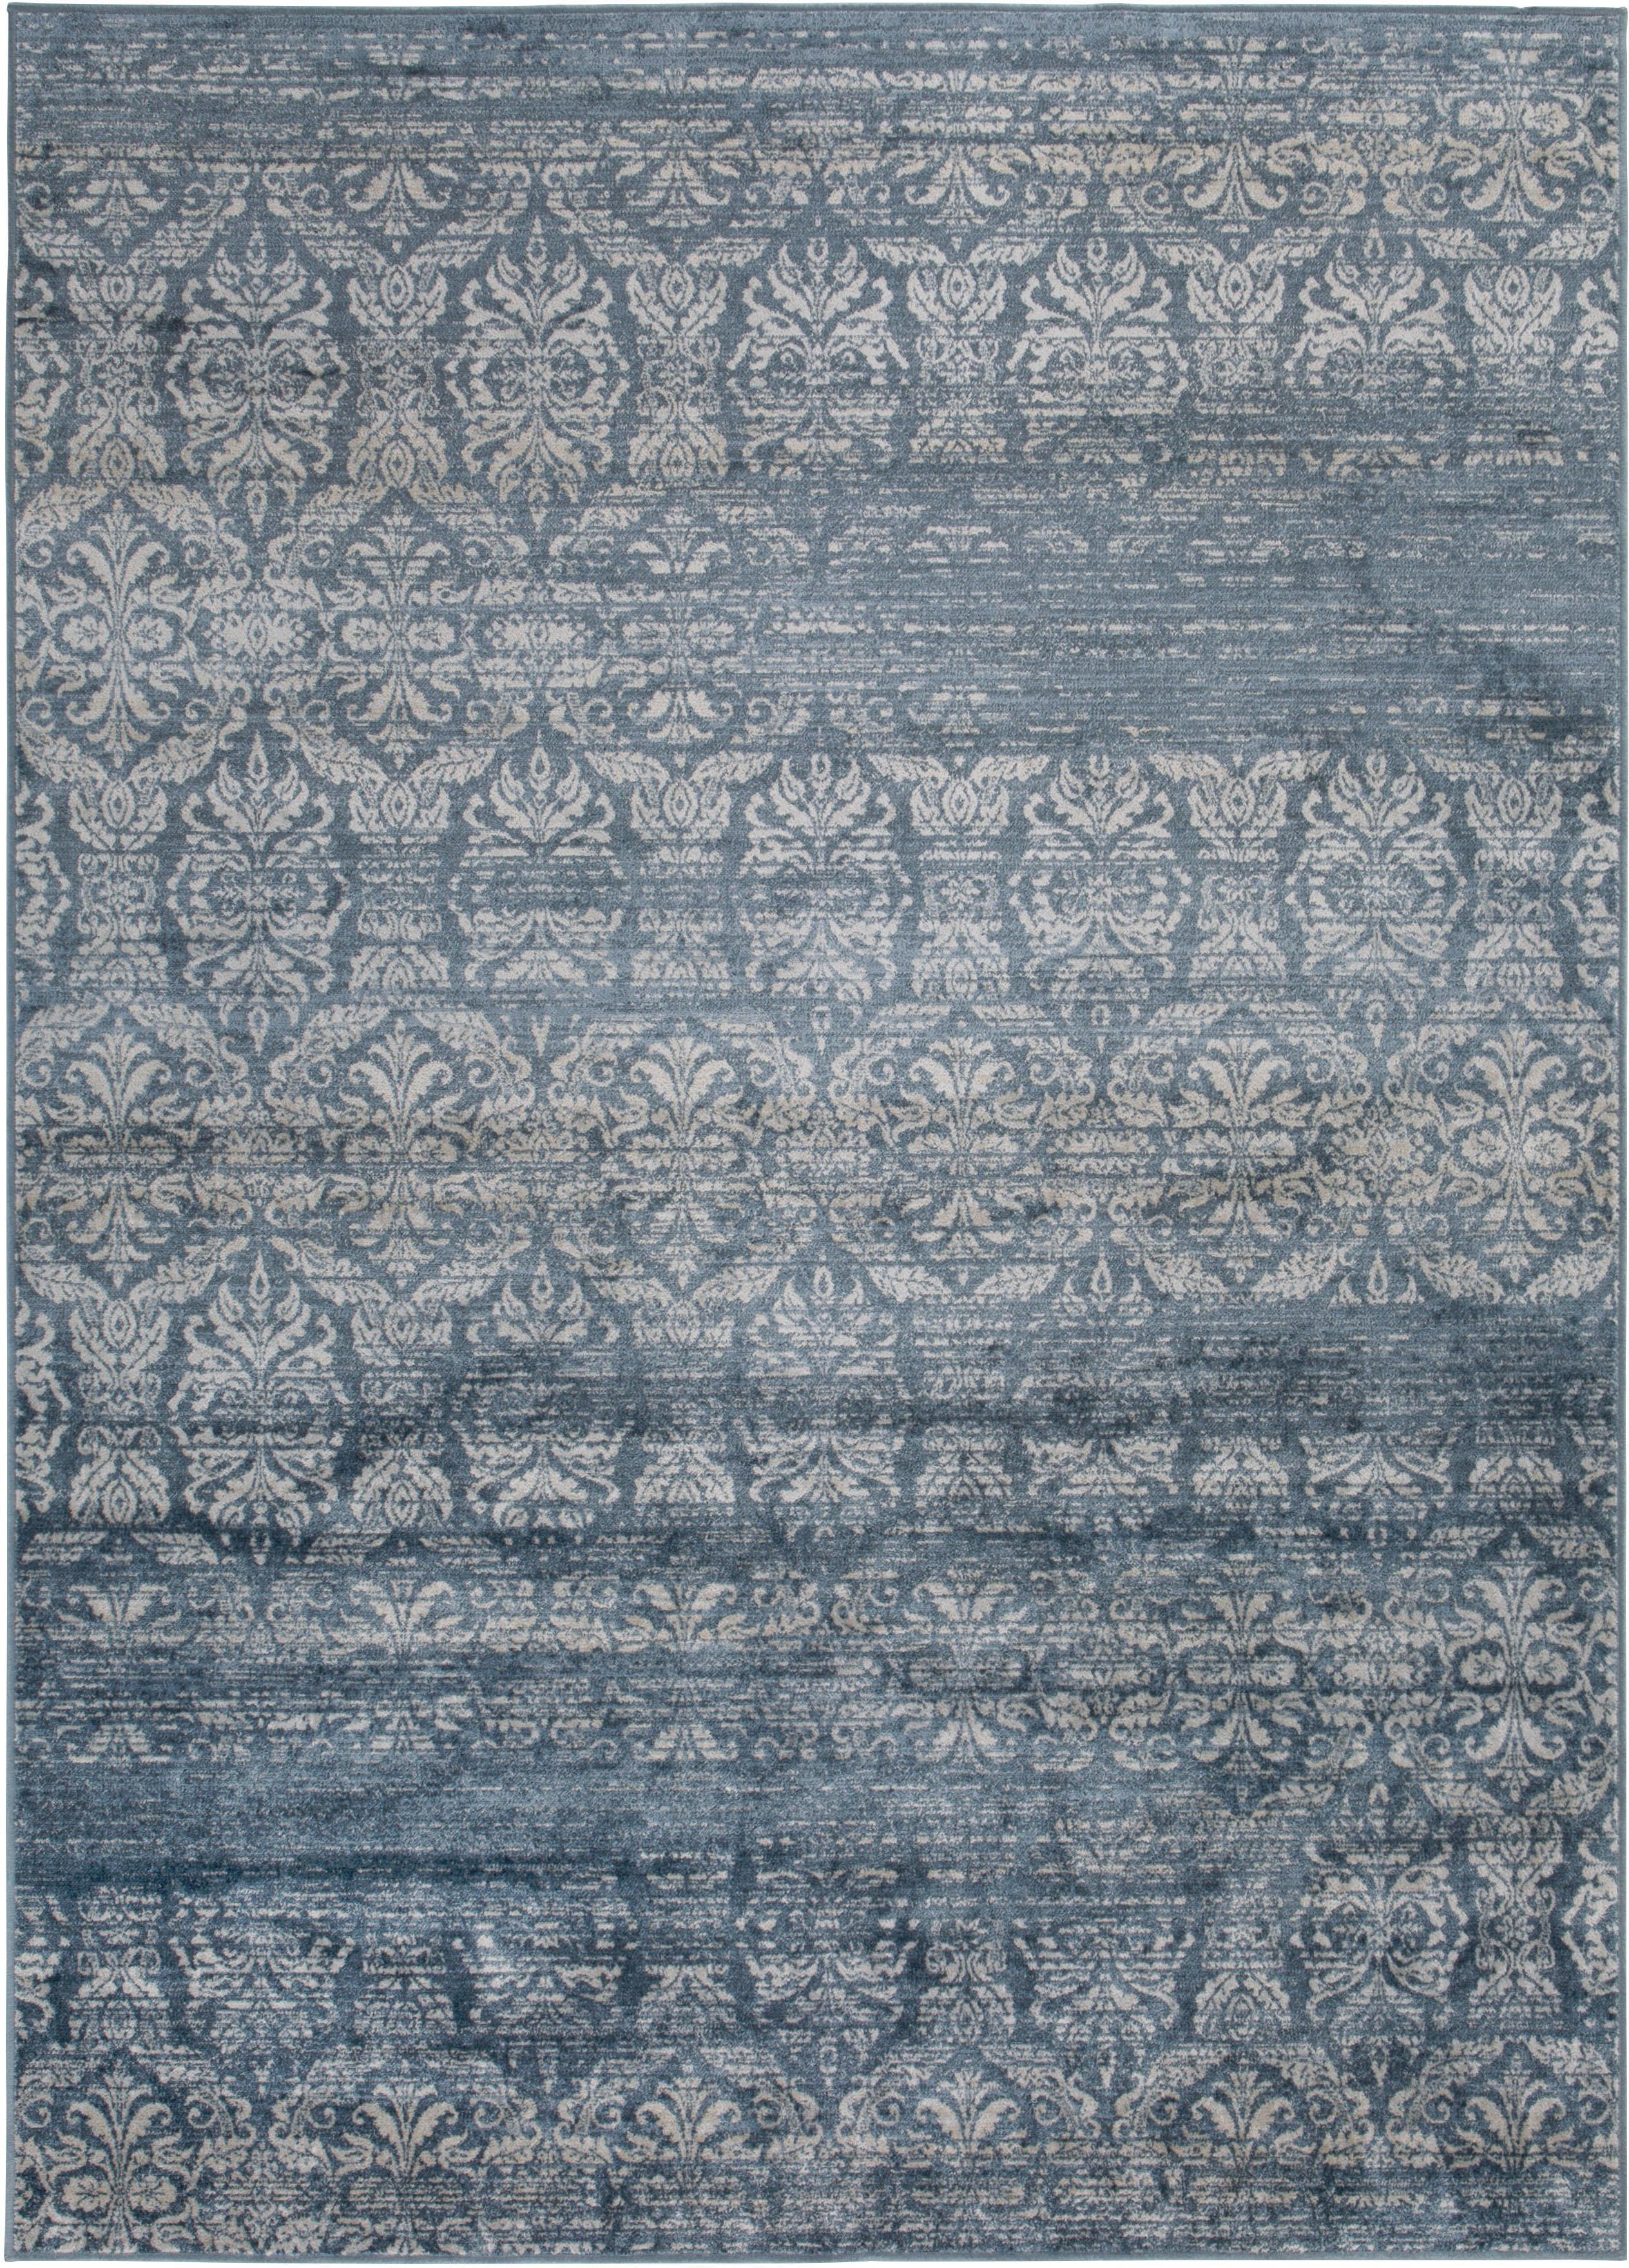 Teppich Famos 2 LUXOR living rechteckig Höhe 4 mm maschinell gewebt